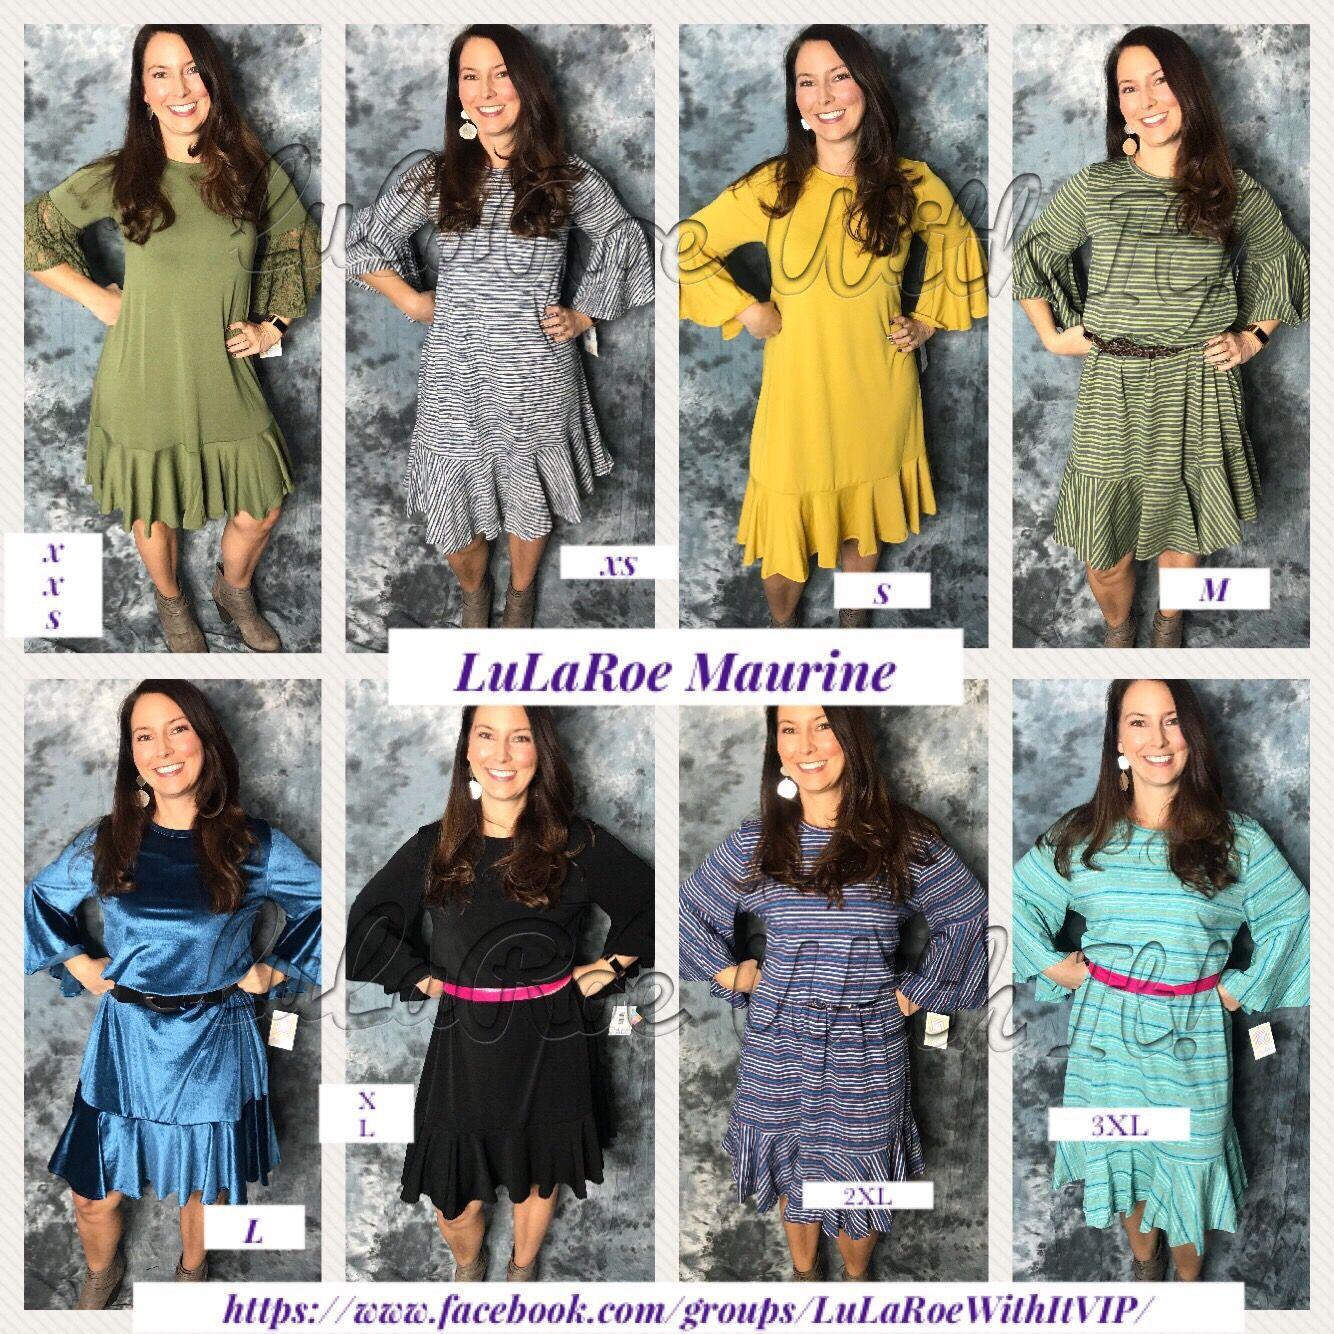 11126b460c9 New Lularoe Maurine dresses!!  lularoe  lularoedress  lularoemaurine   lularoestyle  lularoefashion  lularoefashionconsultant  lularoewithit   lulastyle ...